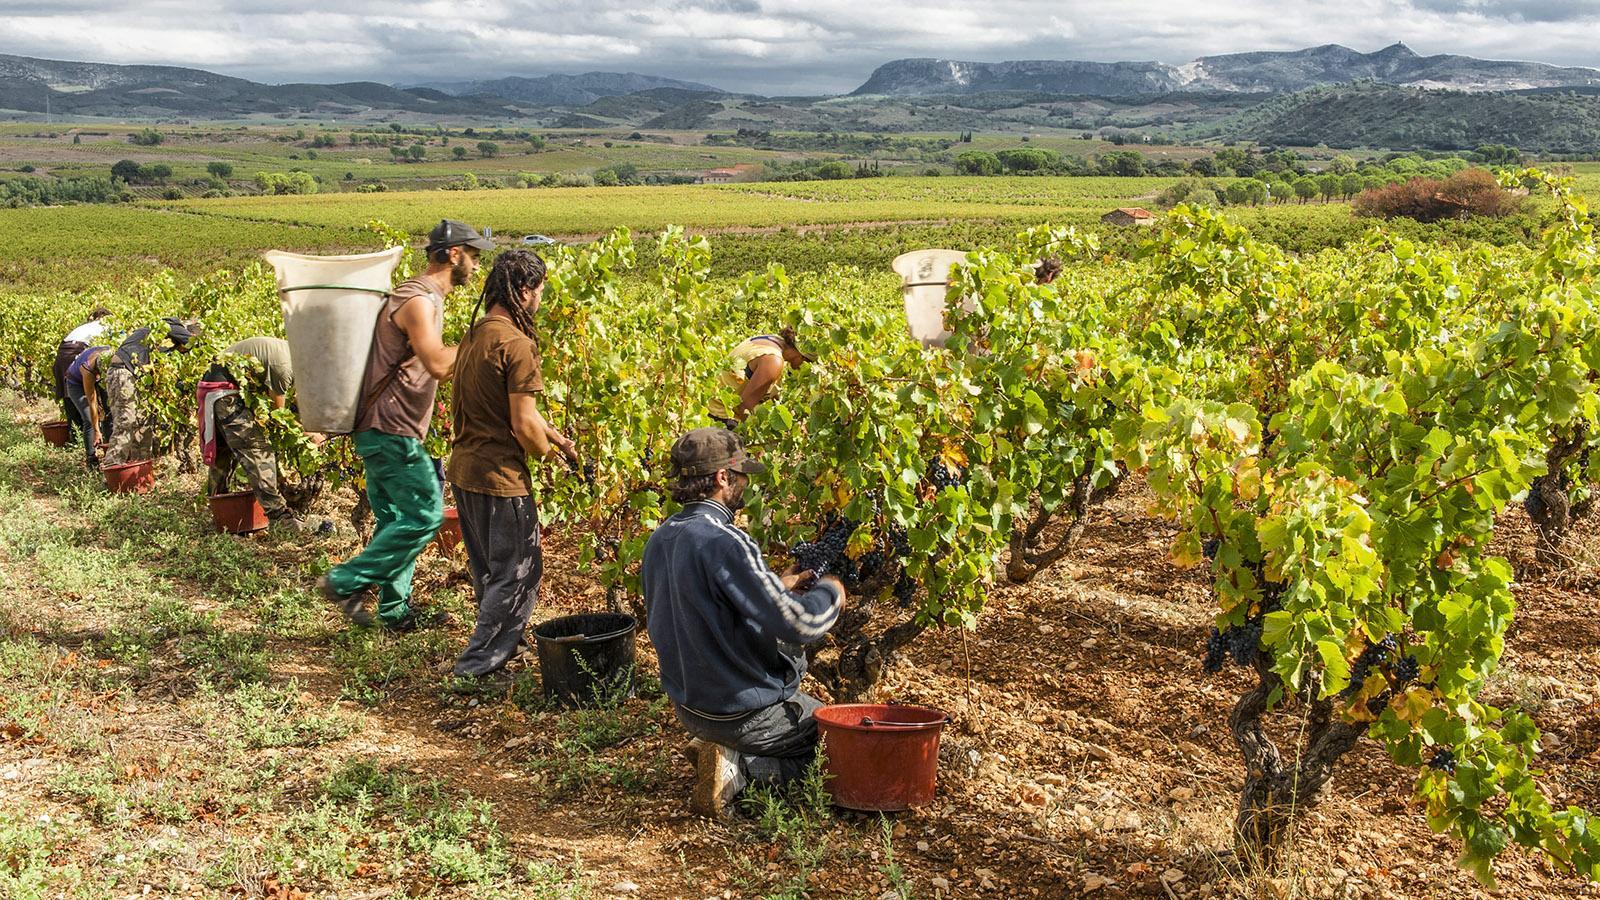 Bereits Ende August beginnt die Weinlese im Vallée de l'Agly. Foto: Hilke Maunder